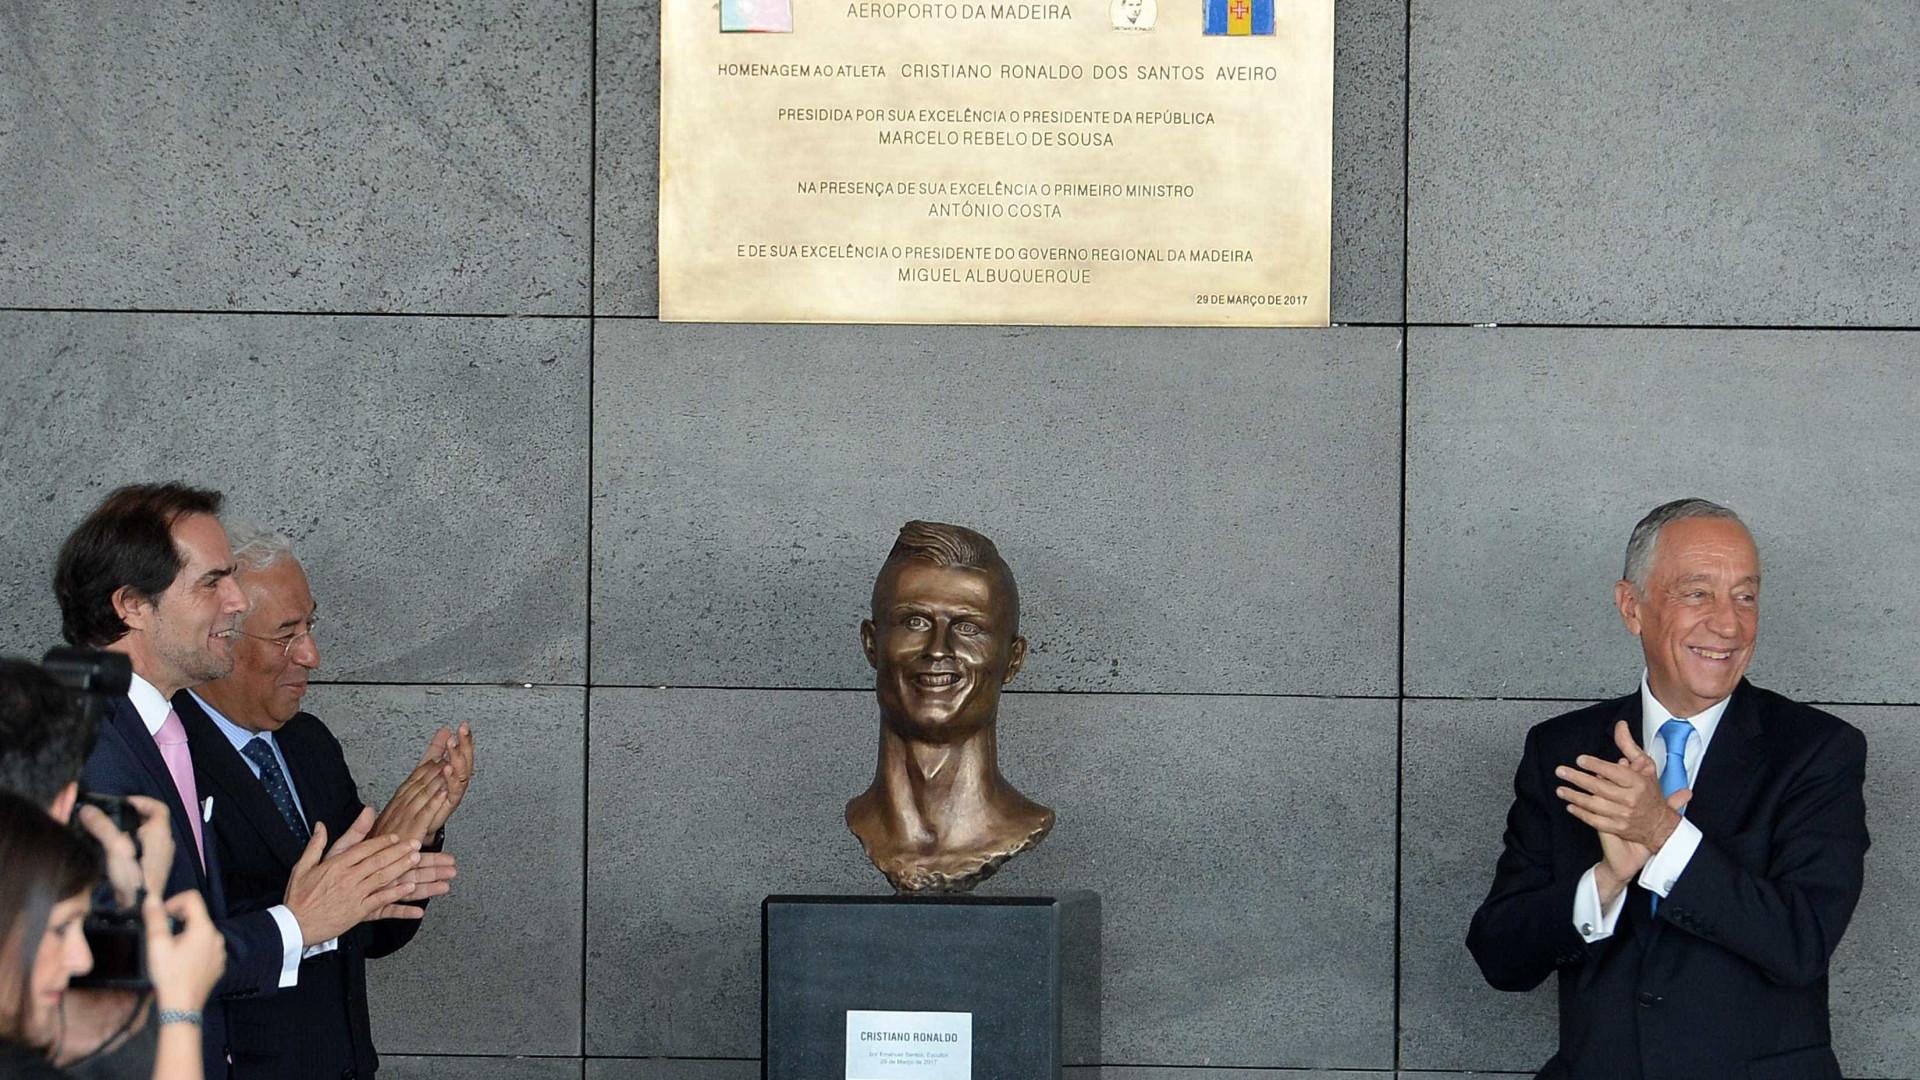 99135f8852f17 Ronaldo já tem 'cara nova' no Aeroporto da Madeira